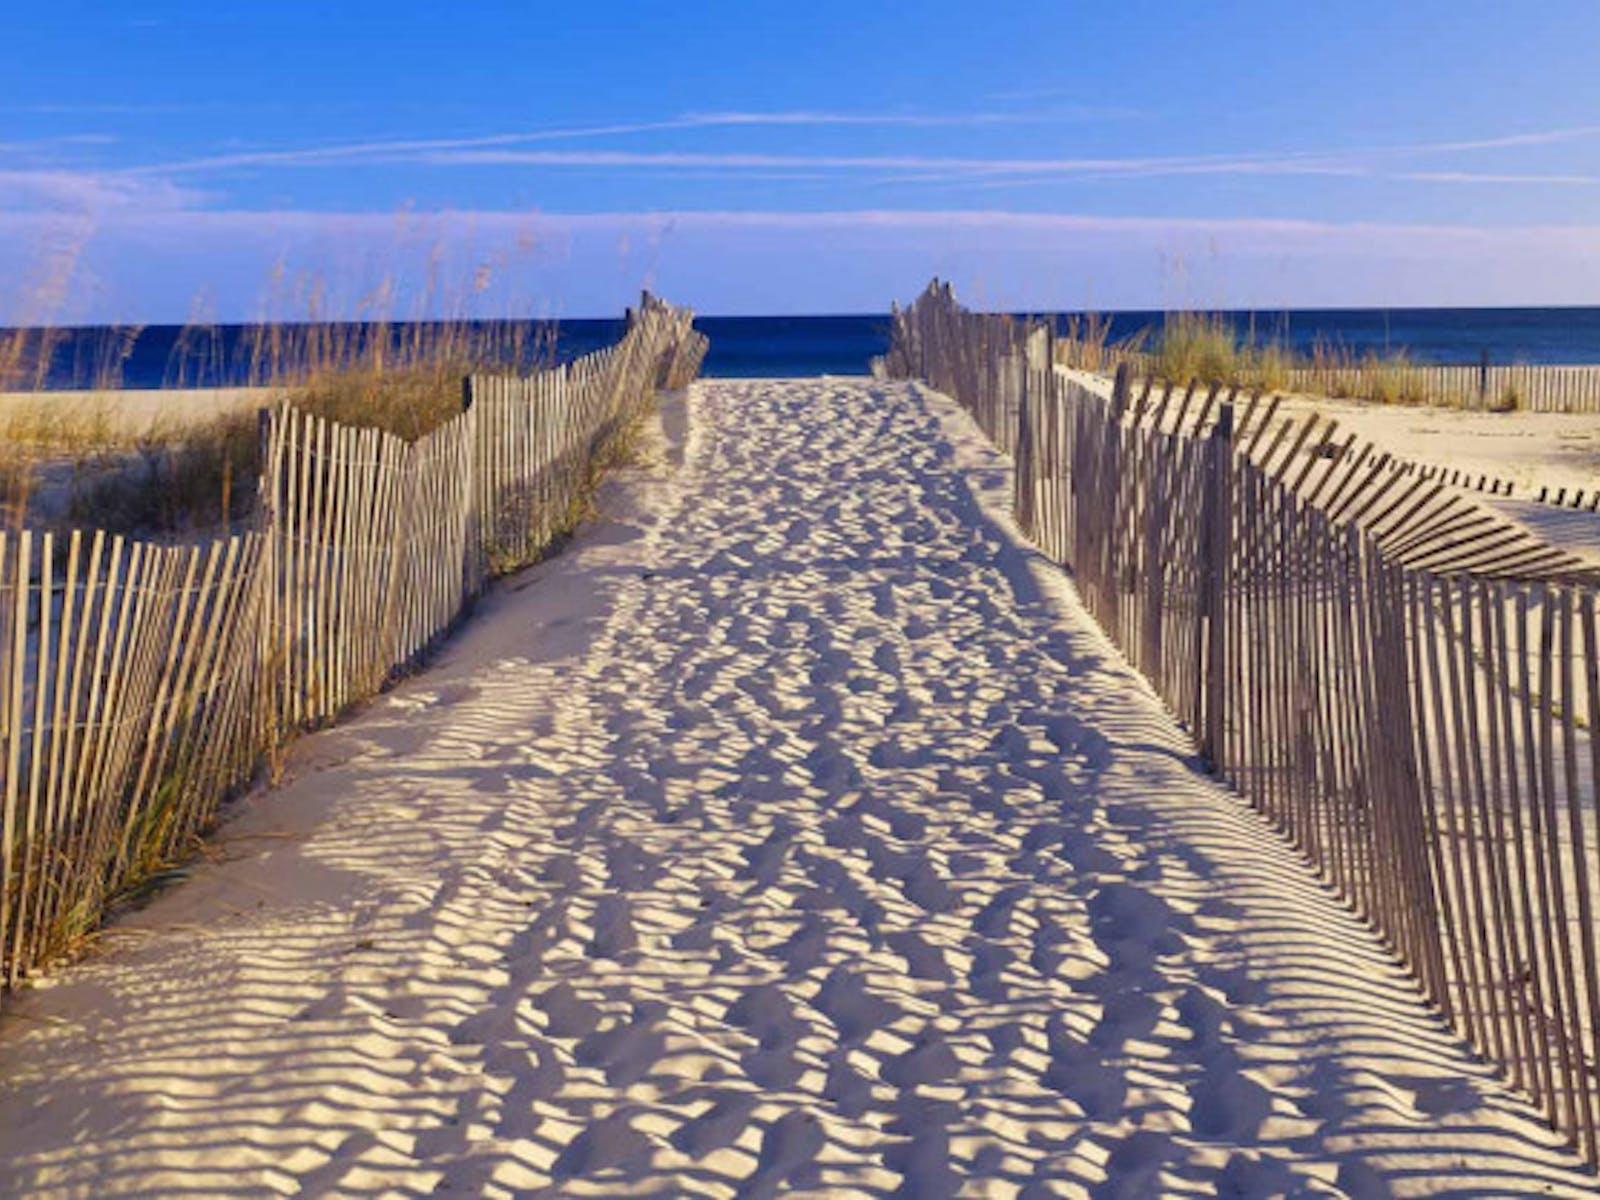 Beach in Miramar Beach, FL